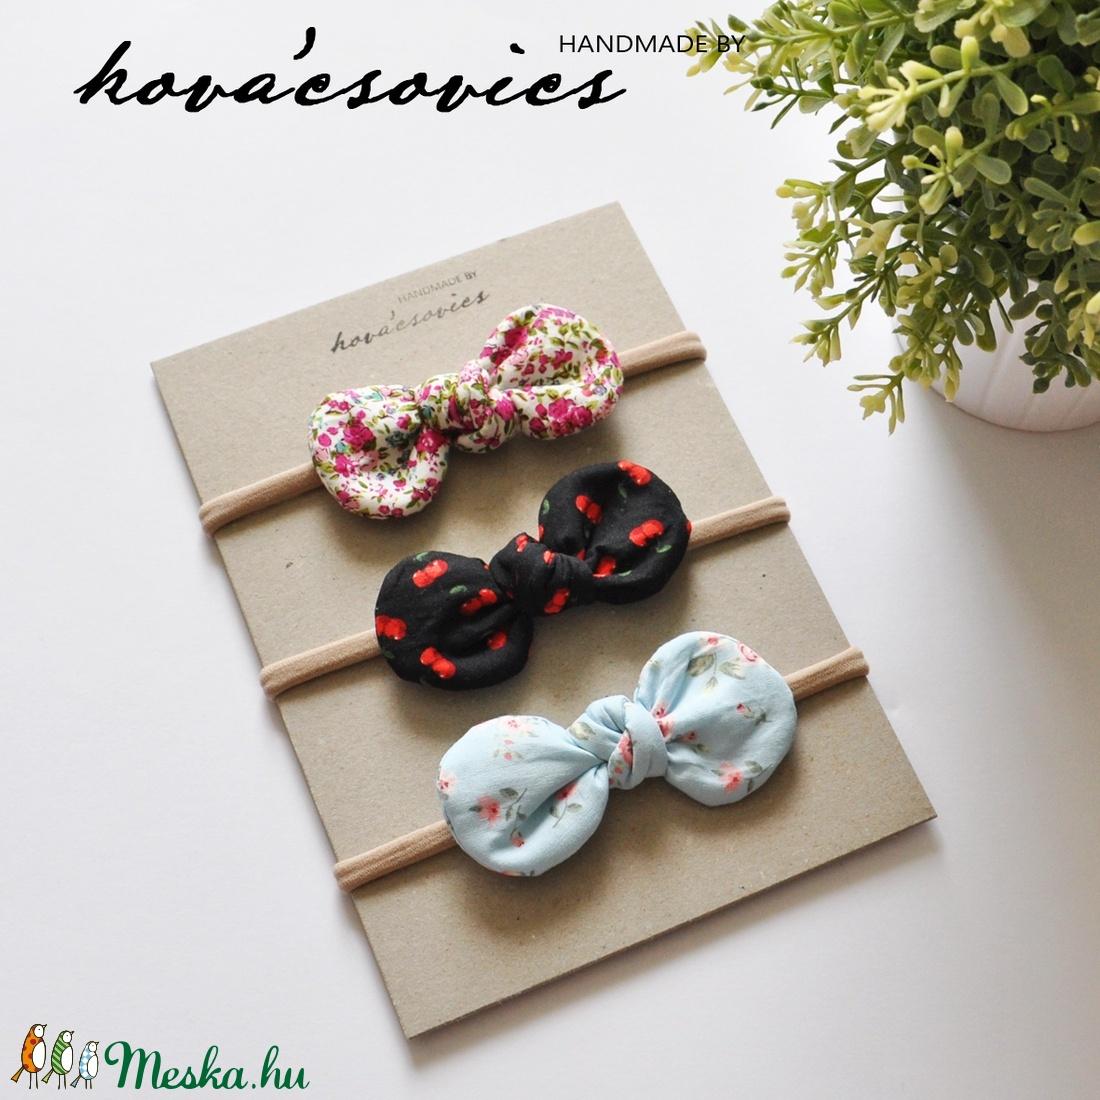 Újszülött kislány kezdő szett - Nyálkendő, nyuszifüles fogzókarika, masnis hajpánt - játék & gyerek - babalátogató ajándékcsomag - Meska.hu